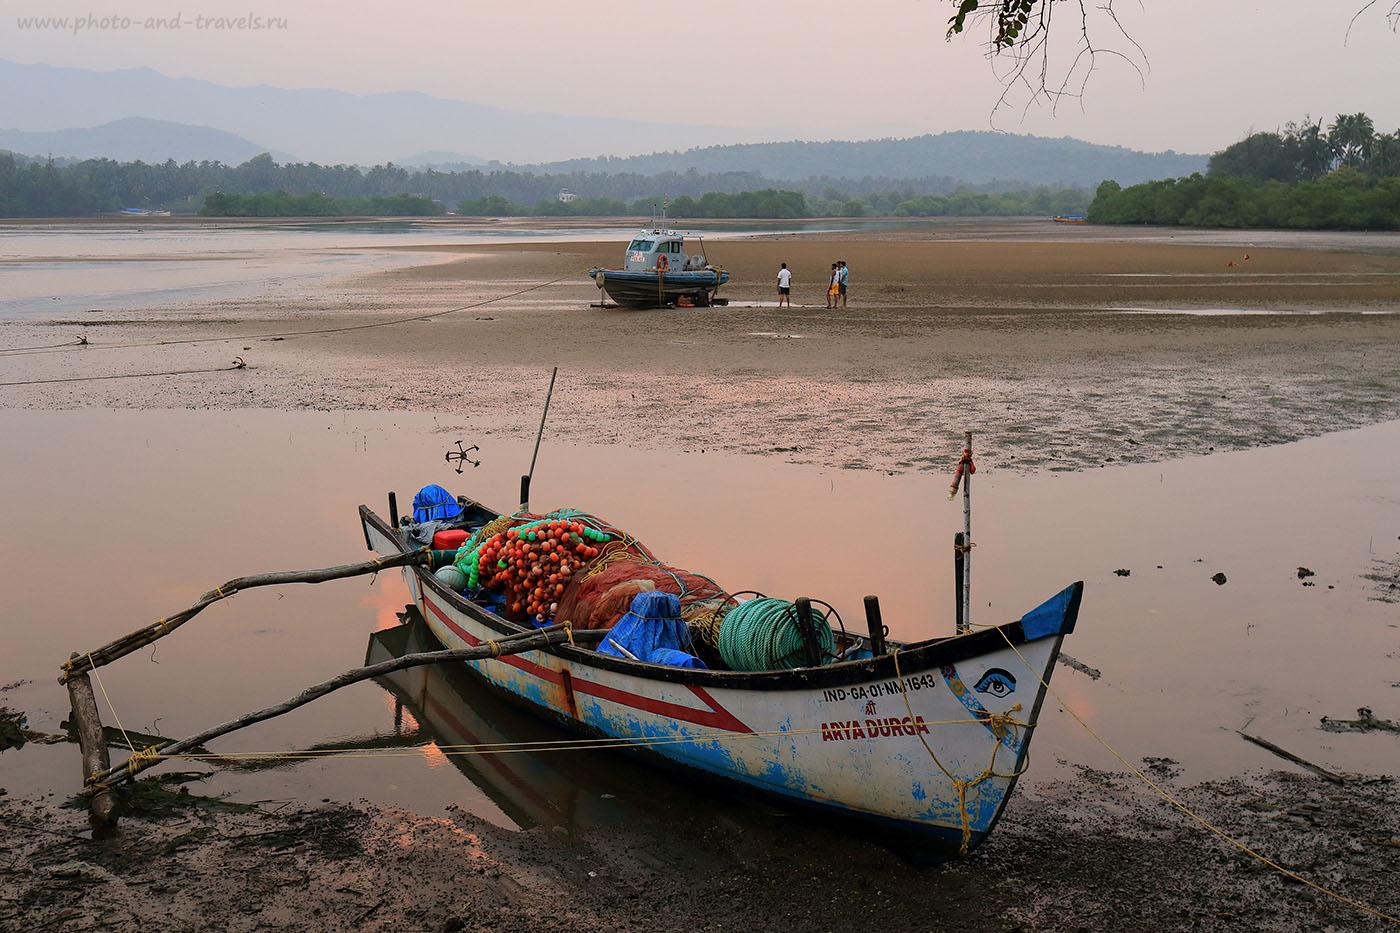 Фото 13. Лодка. Наши приключения на Южном Гоа в Индии. (24 -70, 1/40, 0eV, f9, 44mm, ISO 640)